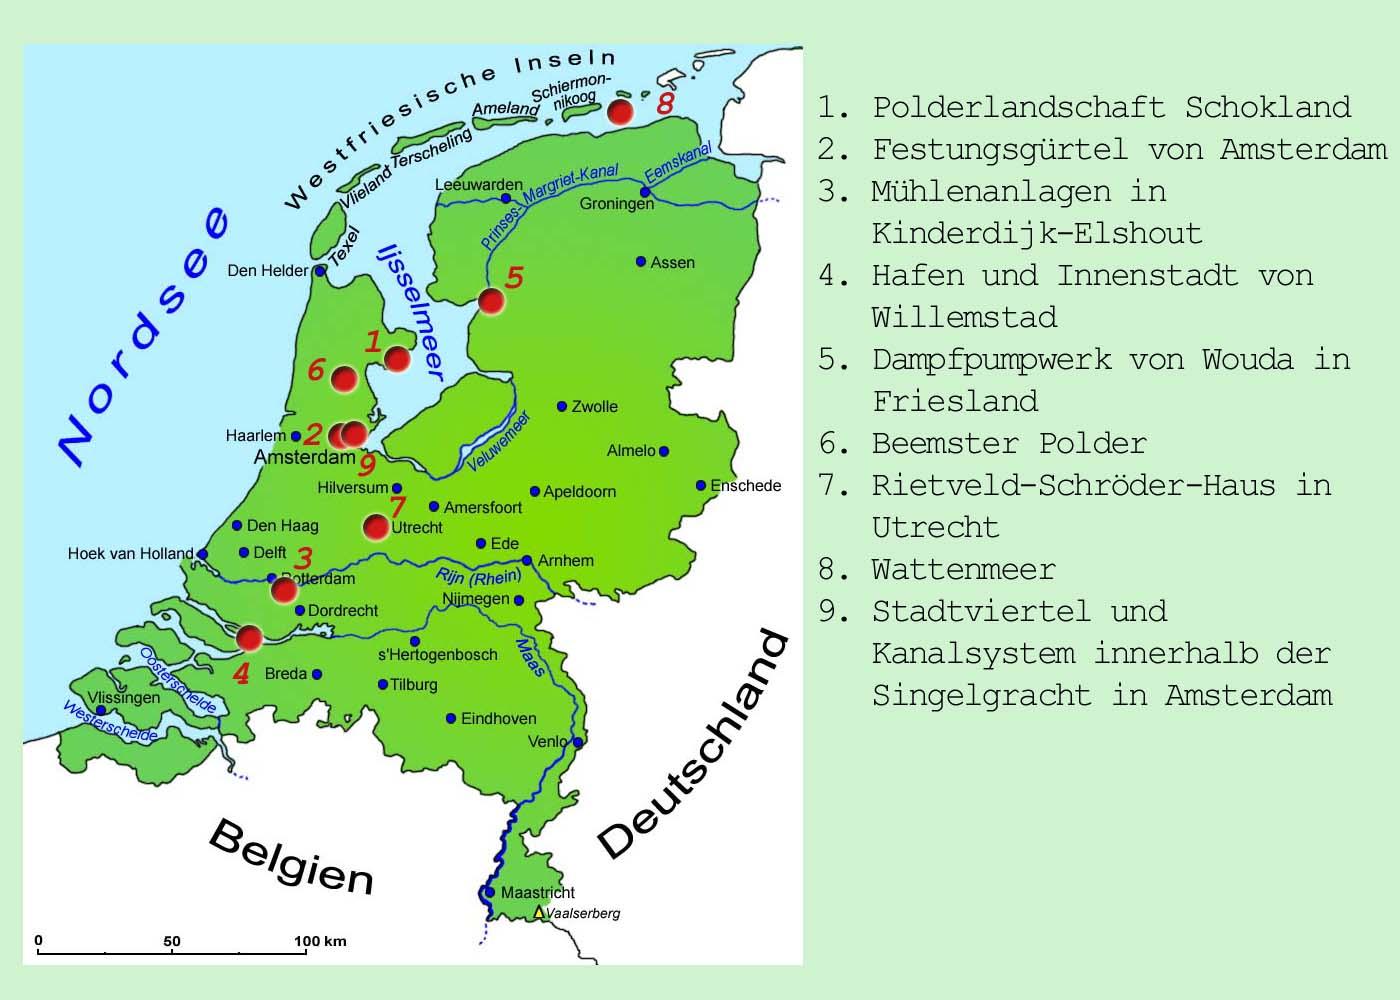 holland sehenswürdigkeiten karte Niederlande: Sehenswürdigkeiten | Länder | Niederlande | Goruma